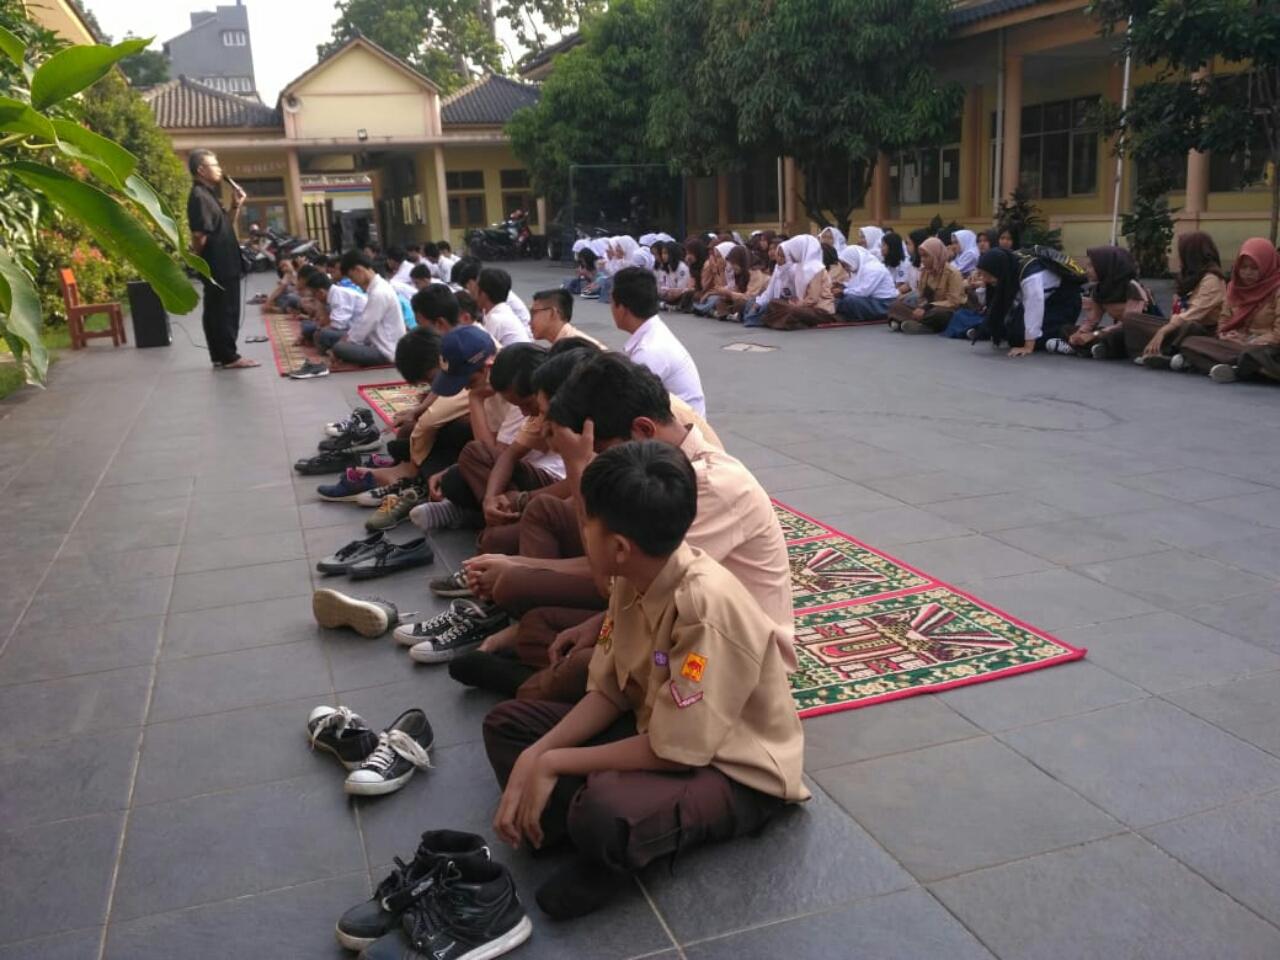 Pembinaan rutin kepada siswa SMP Muslimin 3 di lapangan terbuka setiap rabu pagi